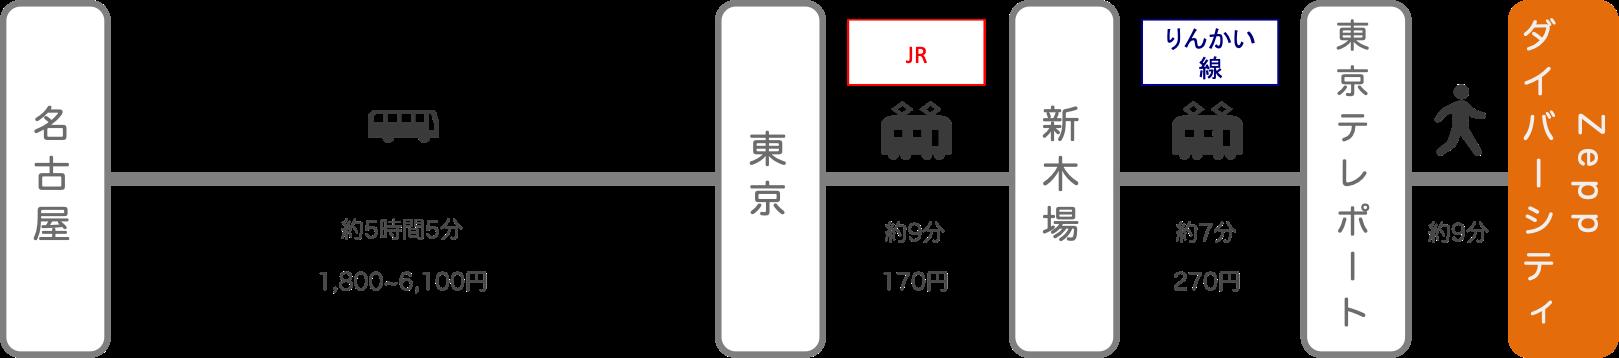 Zeppダイバーシティ_名古屋(愛知)_高速バス